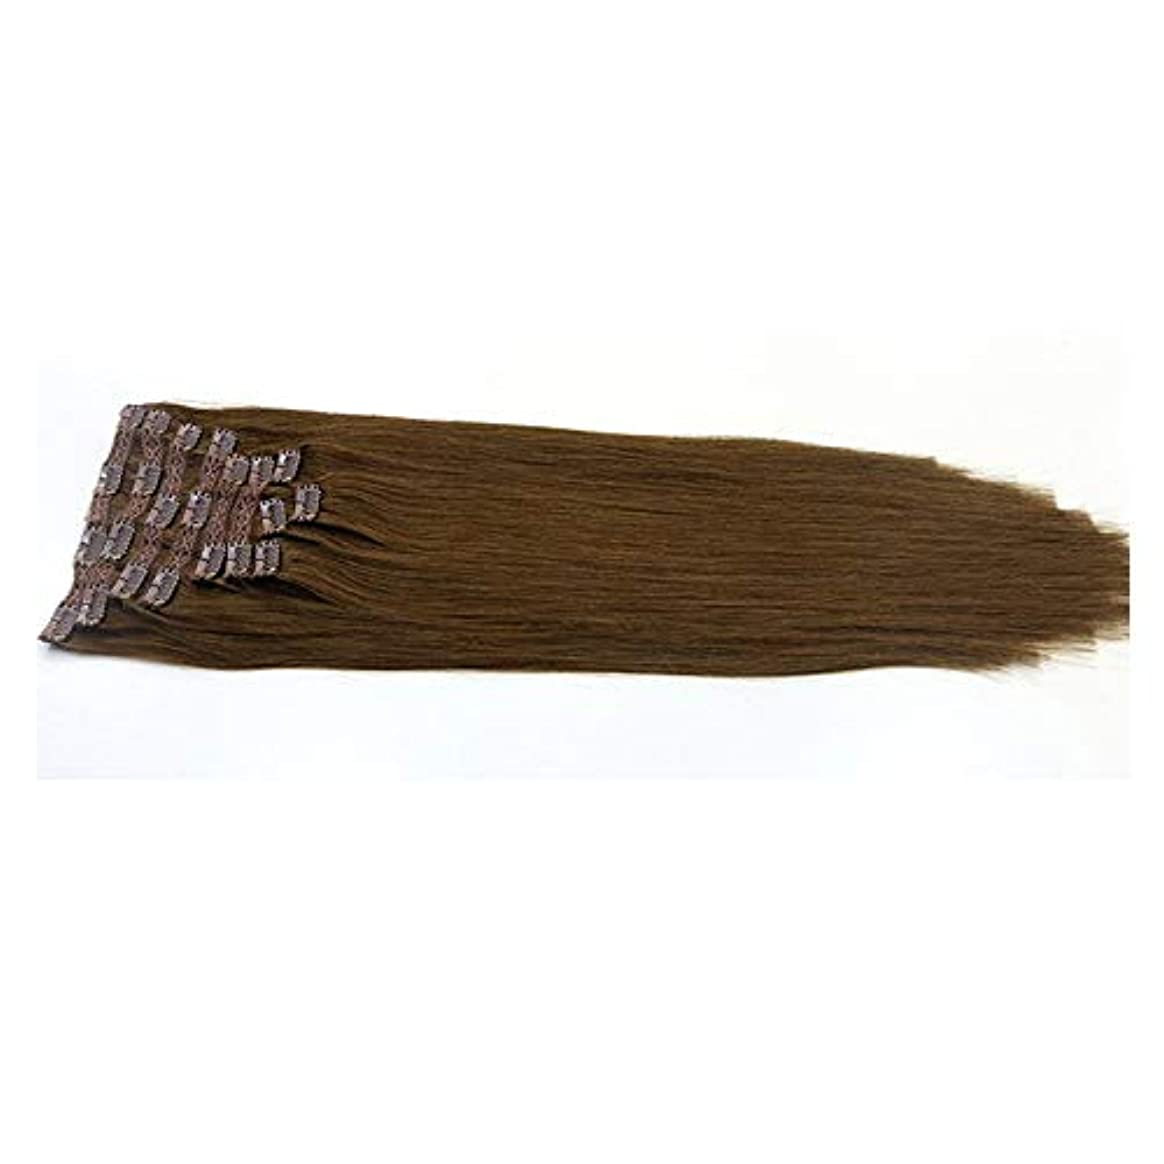 忌み嫌う強要貧困JULYTER ブラジルのヘアエクステンションクリップ人間の髪の毛のワンピース3/4フルヘッドレミー生物学的連続横糸 (色 : ブラウン, サイズ : 22 inch)